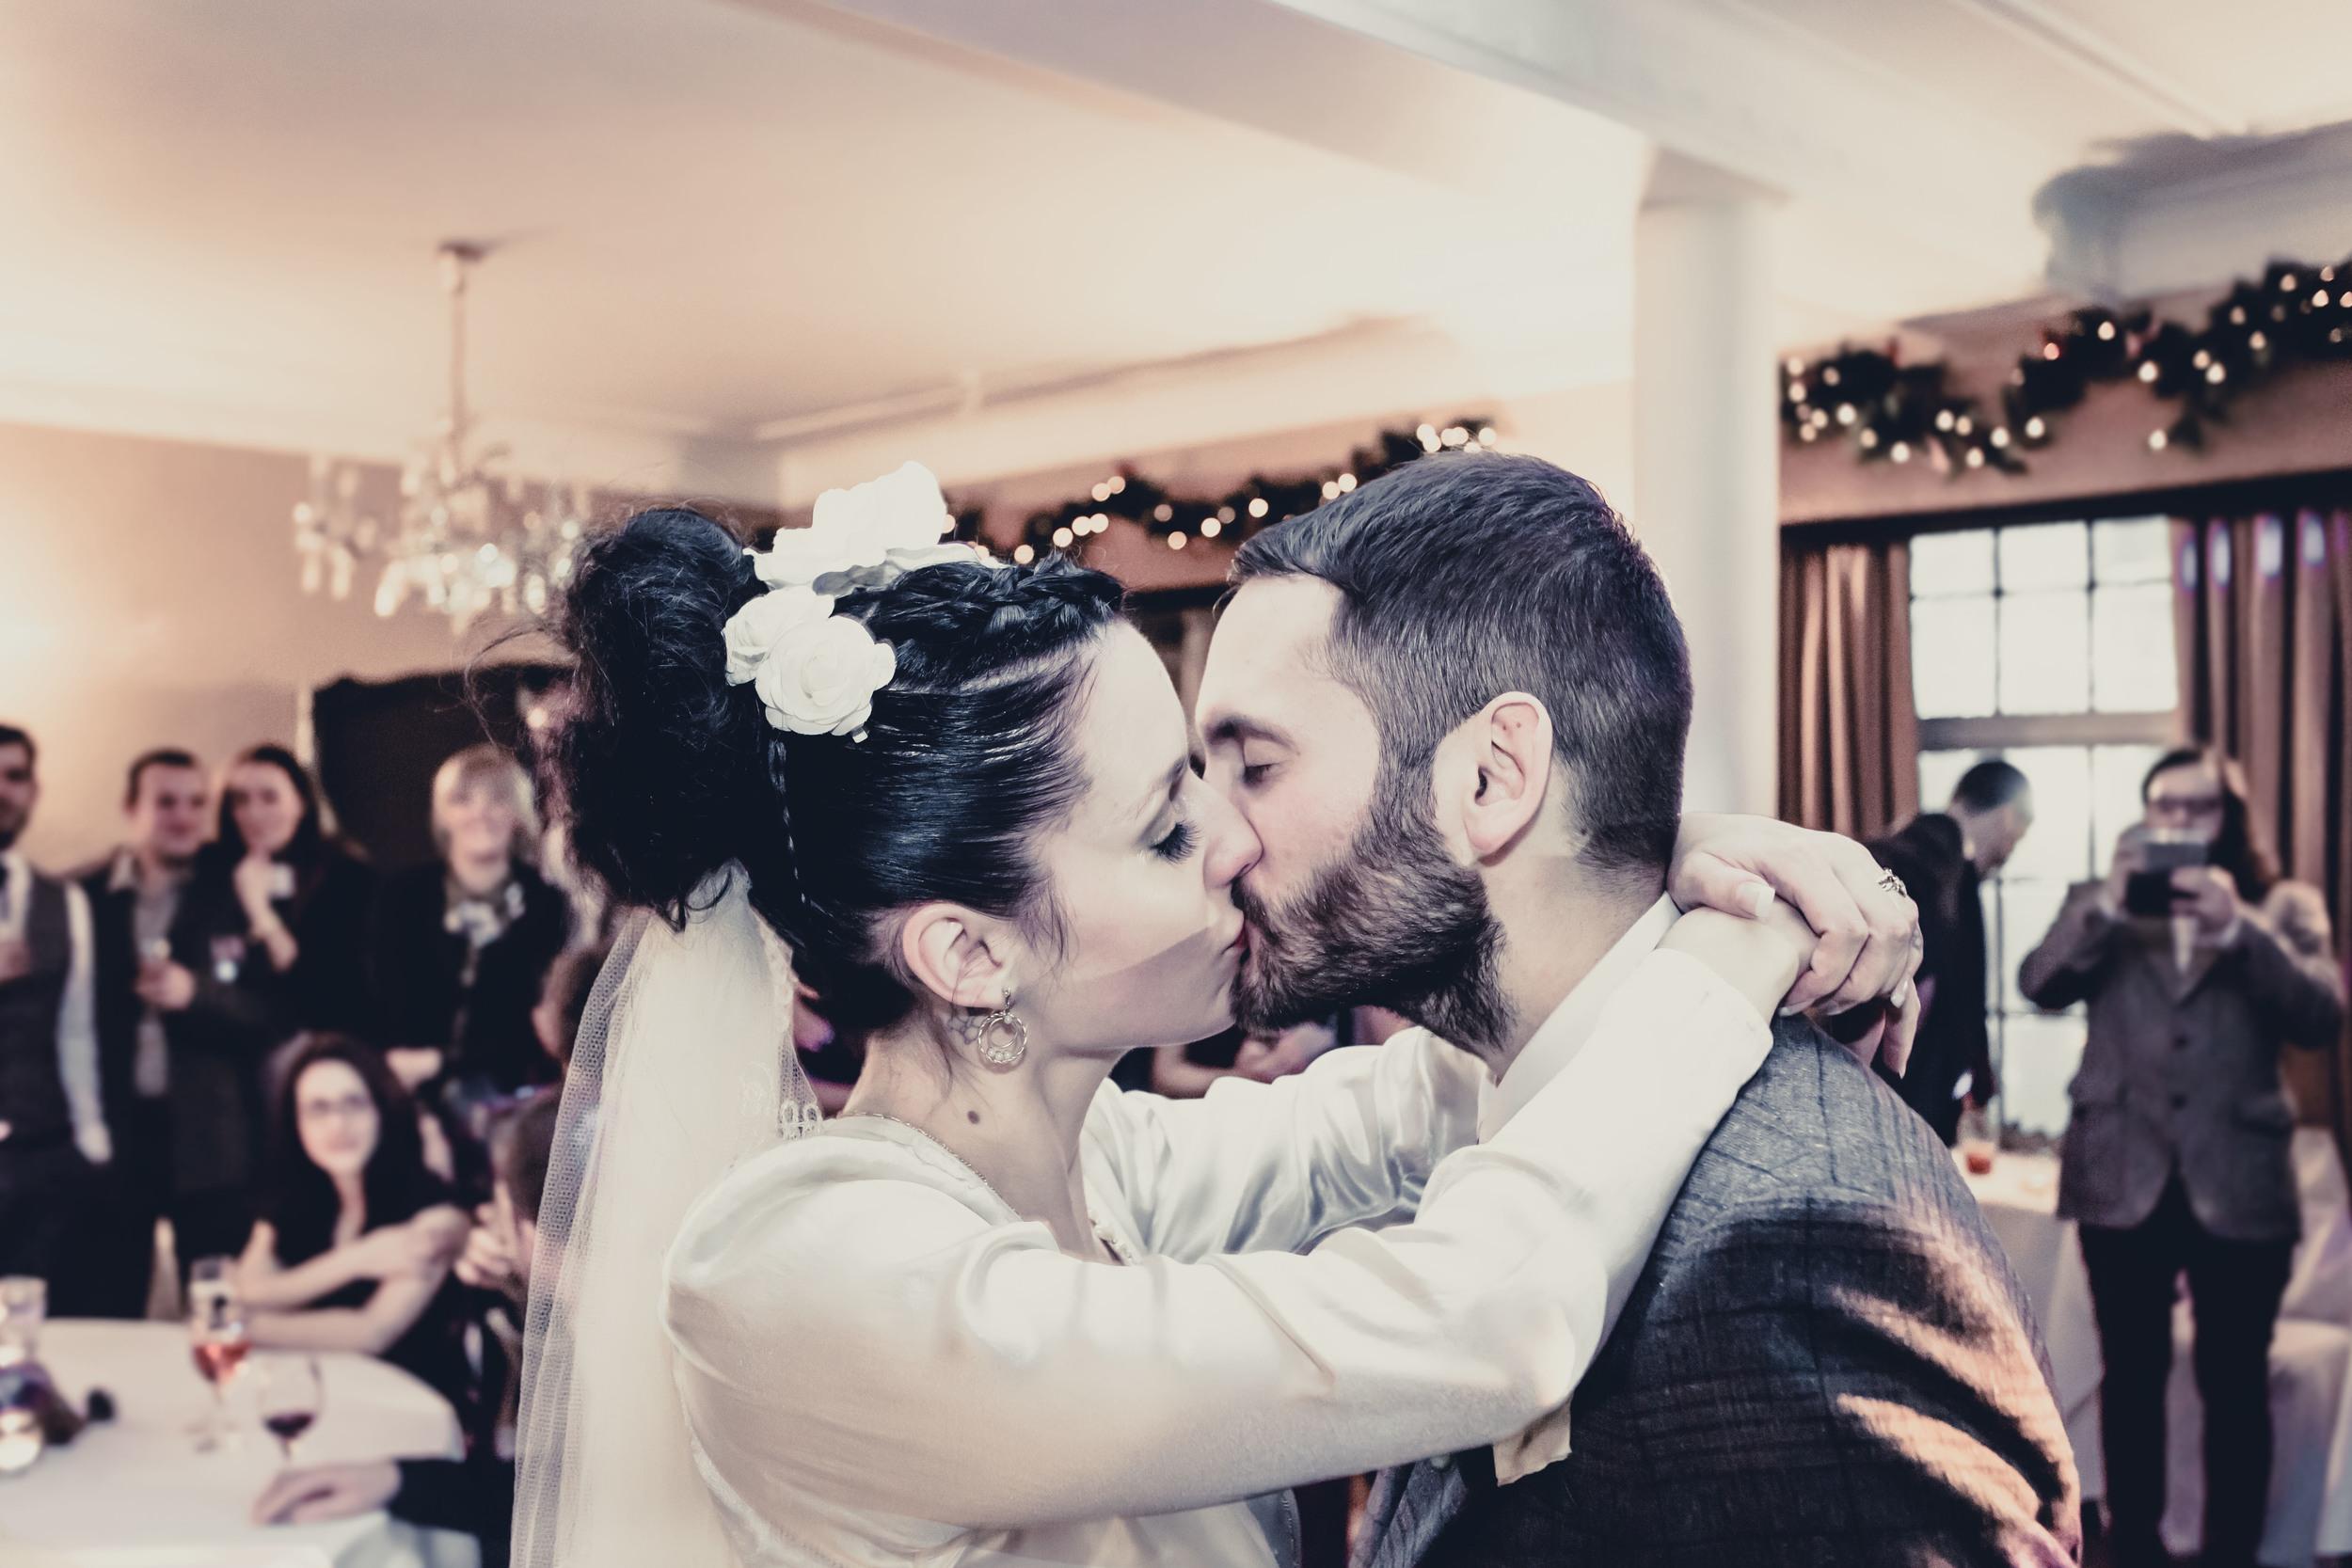 194 - Angela and Karls Wedding by www.markpugh.com -7271.jpg